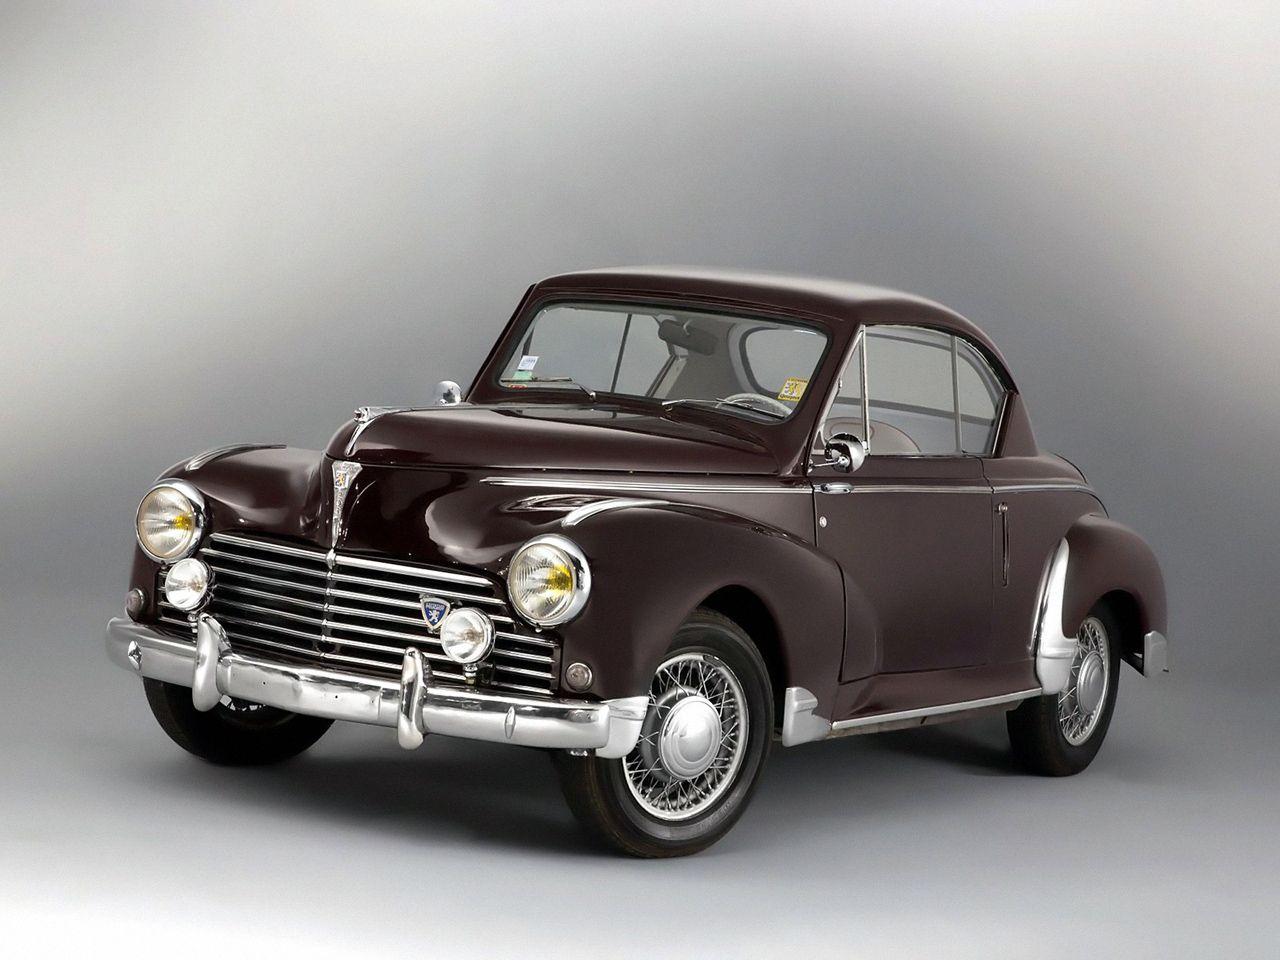 peugeot 203 coupe 1952 54 older cars pinterest. Black Bedroom Furniture Sets. Home Design Ideas